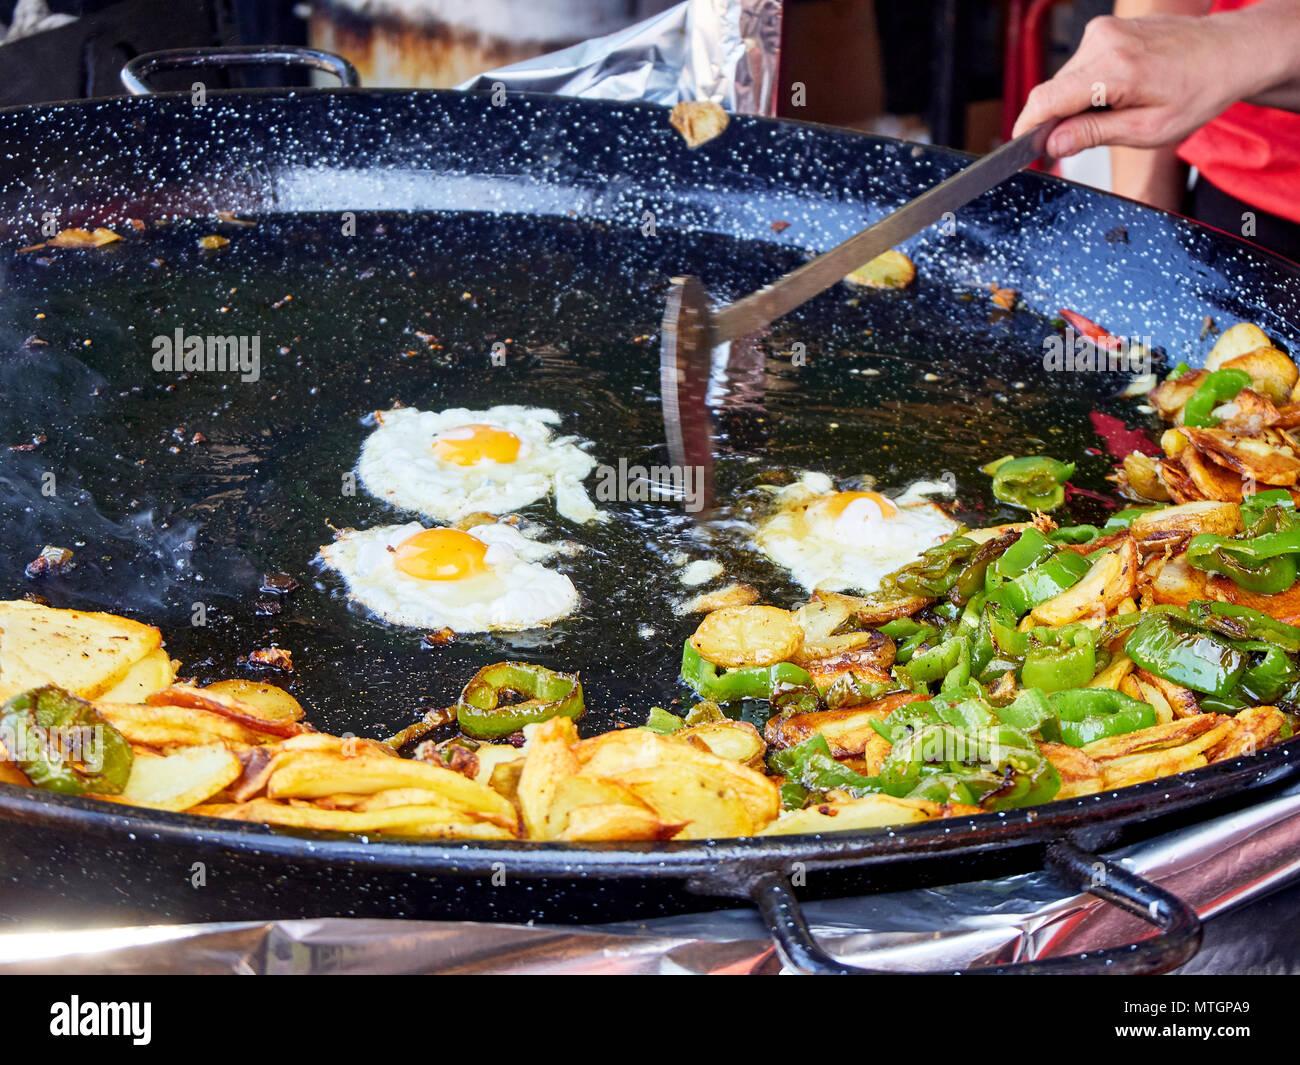 Spanische Eier im Gange. Gebratene Eier mit Kartoffeln und Paprika in der Pfanne. Spanisch Street Food. Stockbild